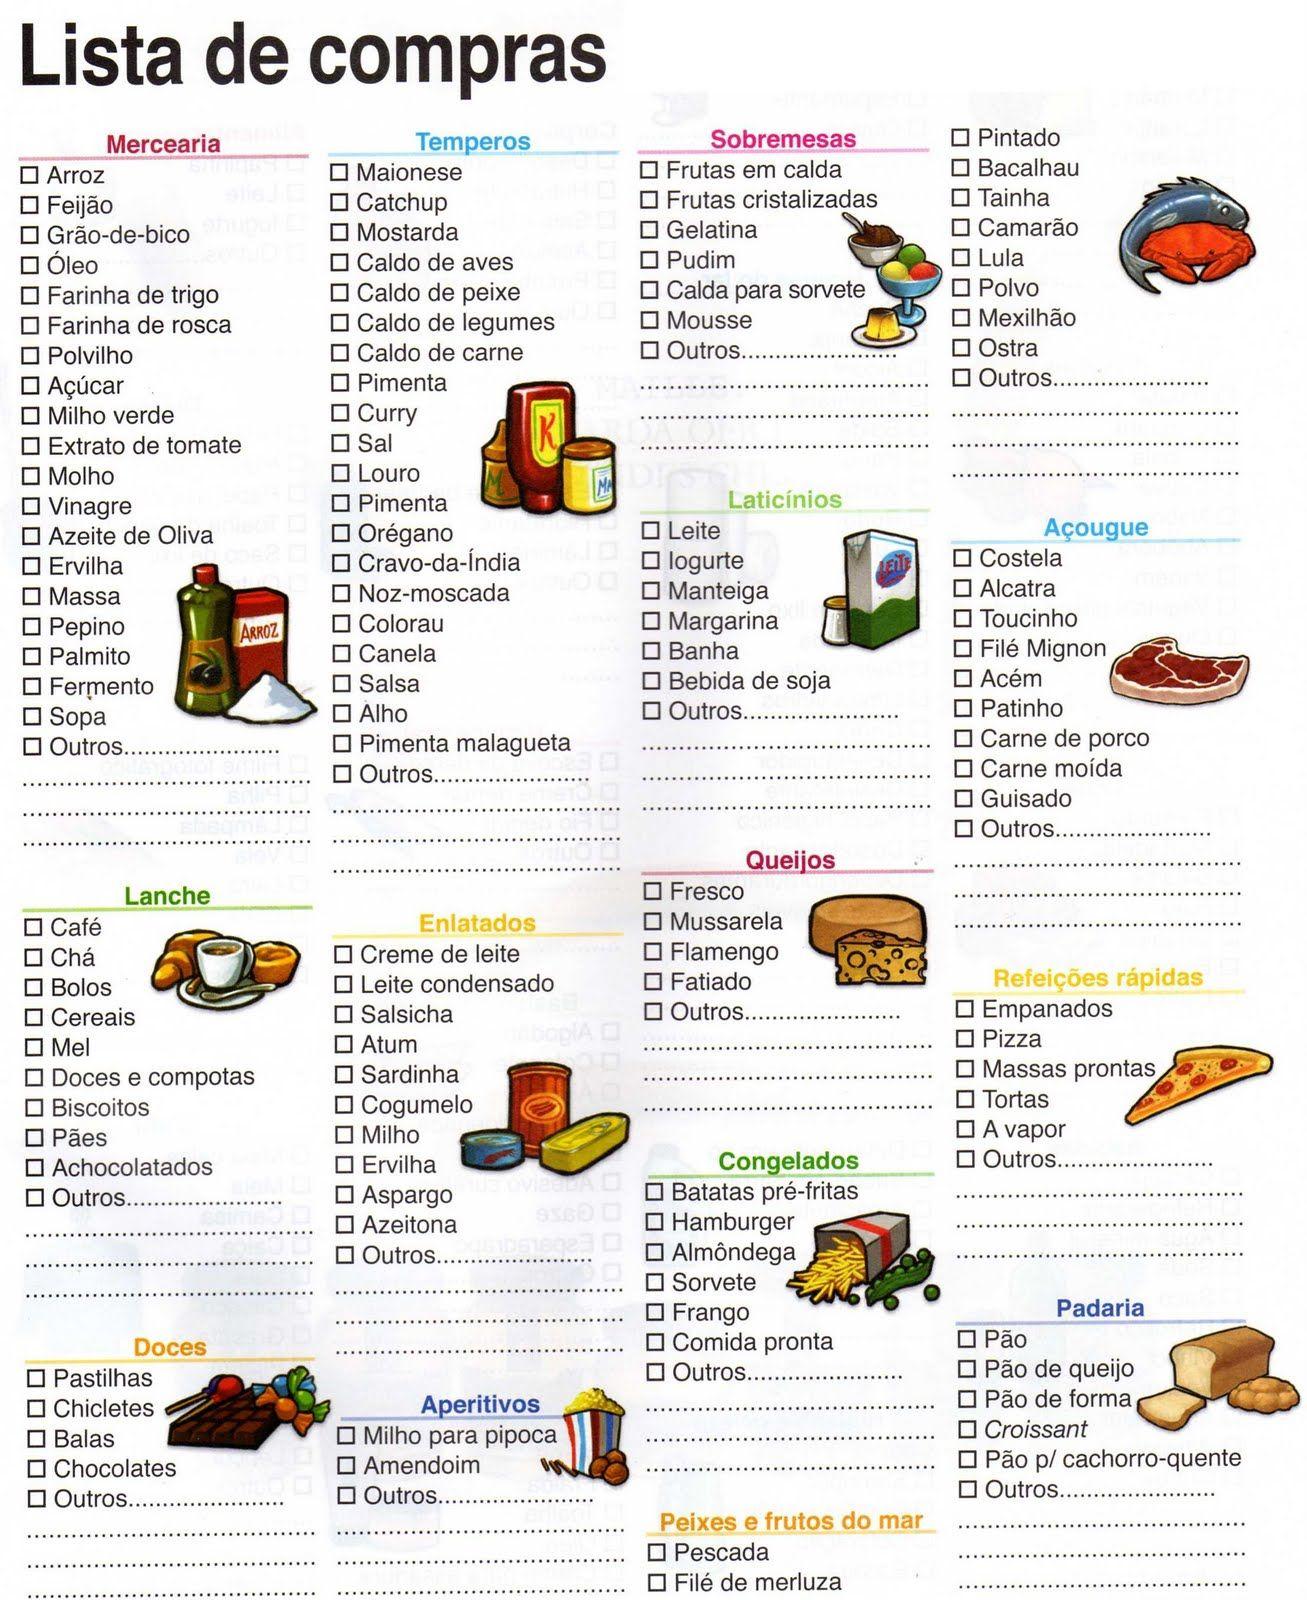 Lista De Compras Supermercado Completa Serlares Jpg Imagem Jpeg